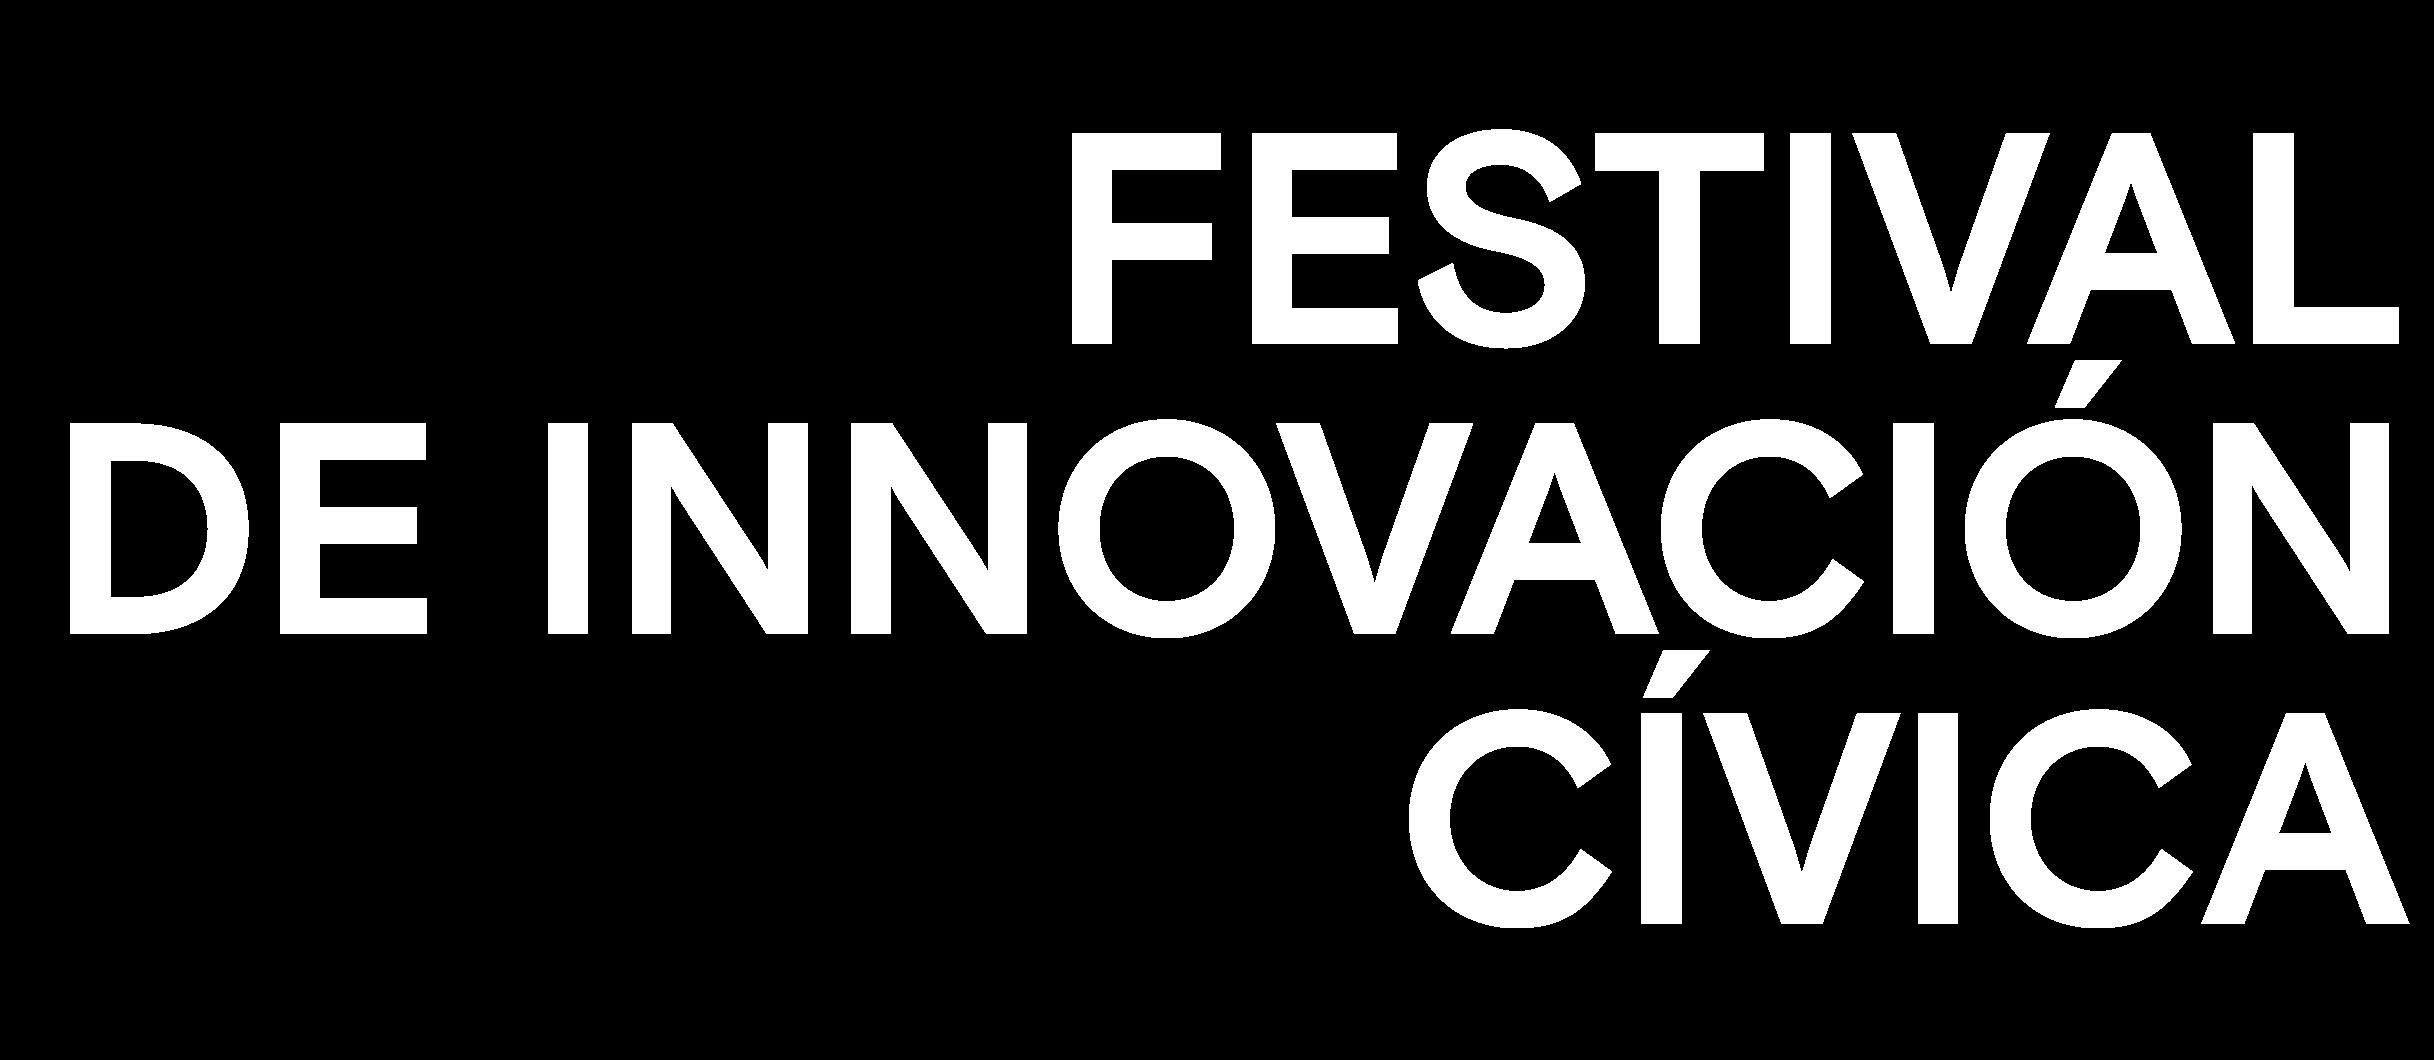 Festival de Innovación Cívica